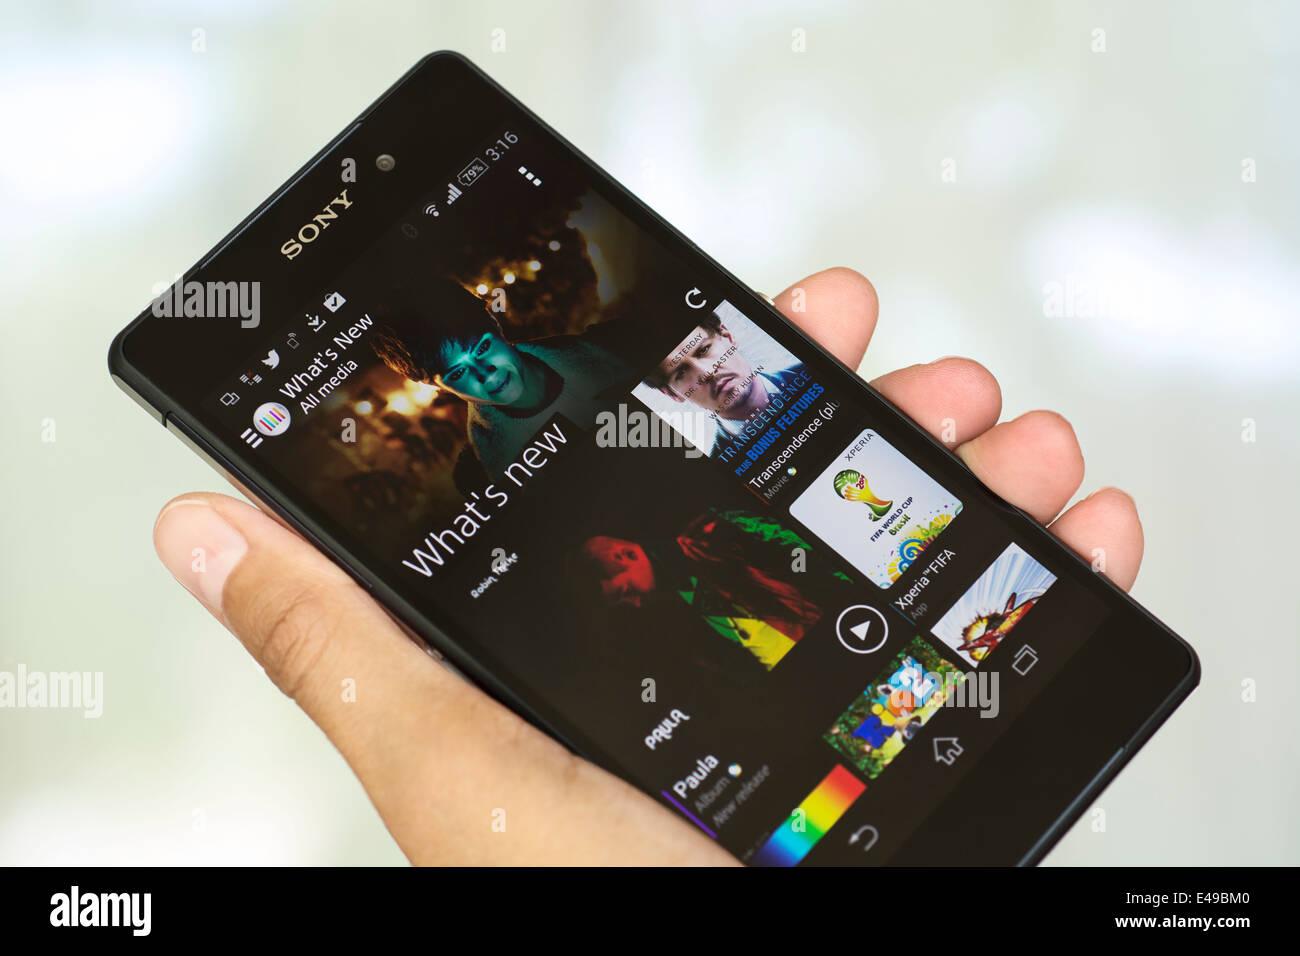 Mano azienda Smartphone, cellulare, telefono cellulare, Xperia Z2 Immagini Stock